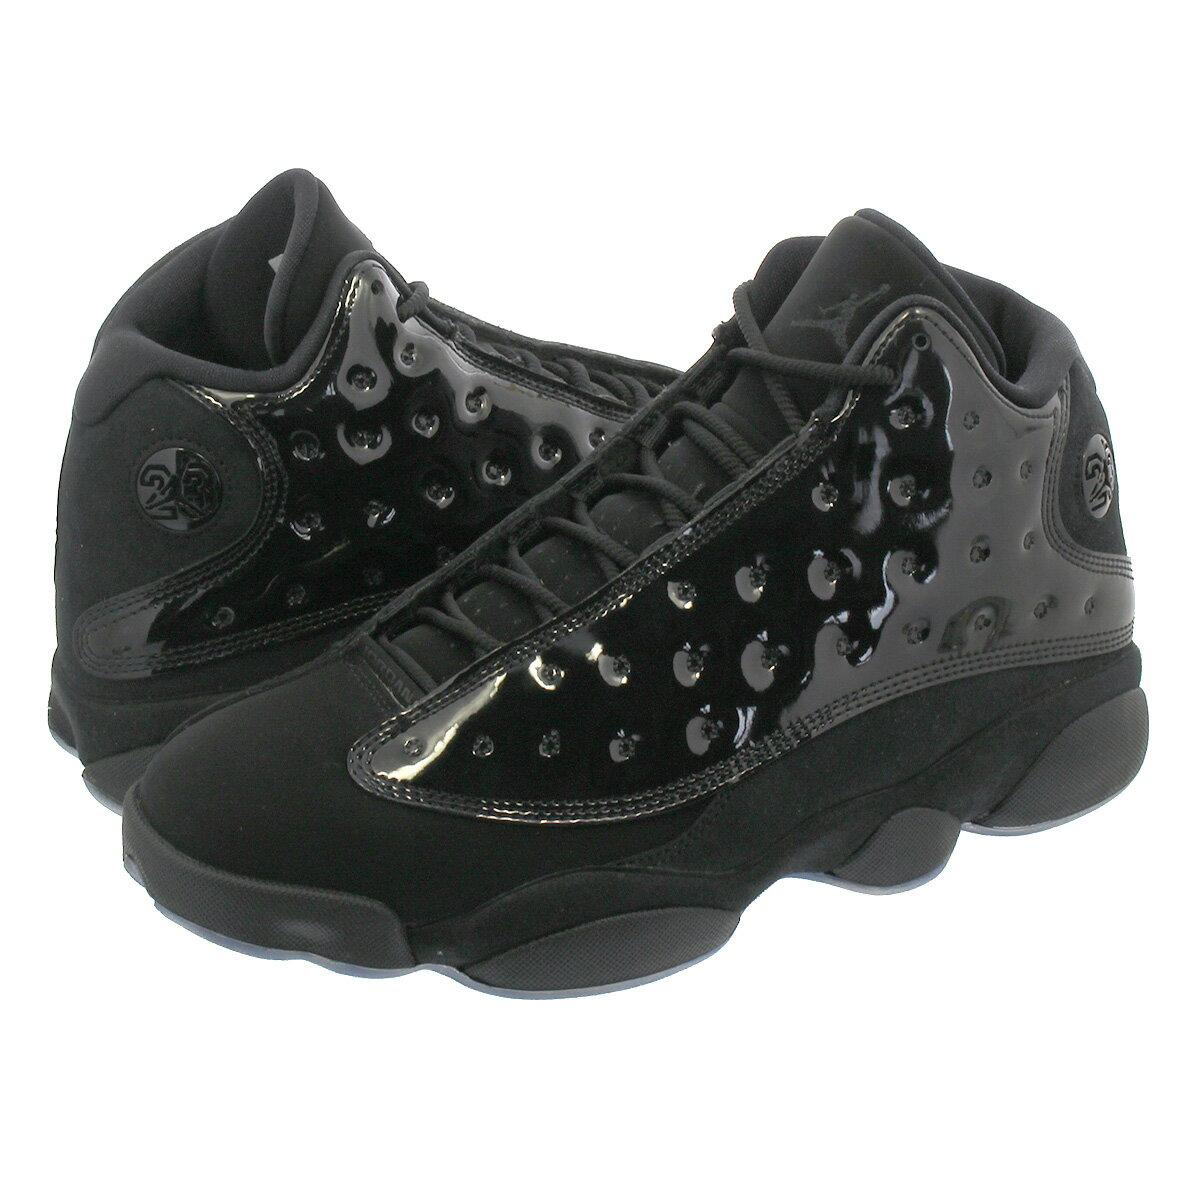 メンズ靴, スニーカー  NIKE AIR JORDAN 13 RETRO CAP AND GOWN 13 BLACKBLACK 414571-012